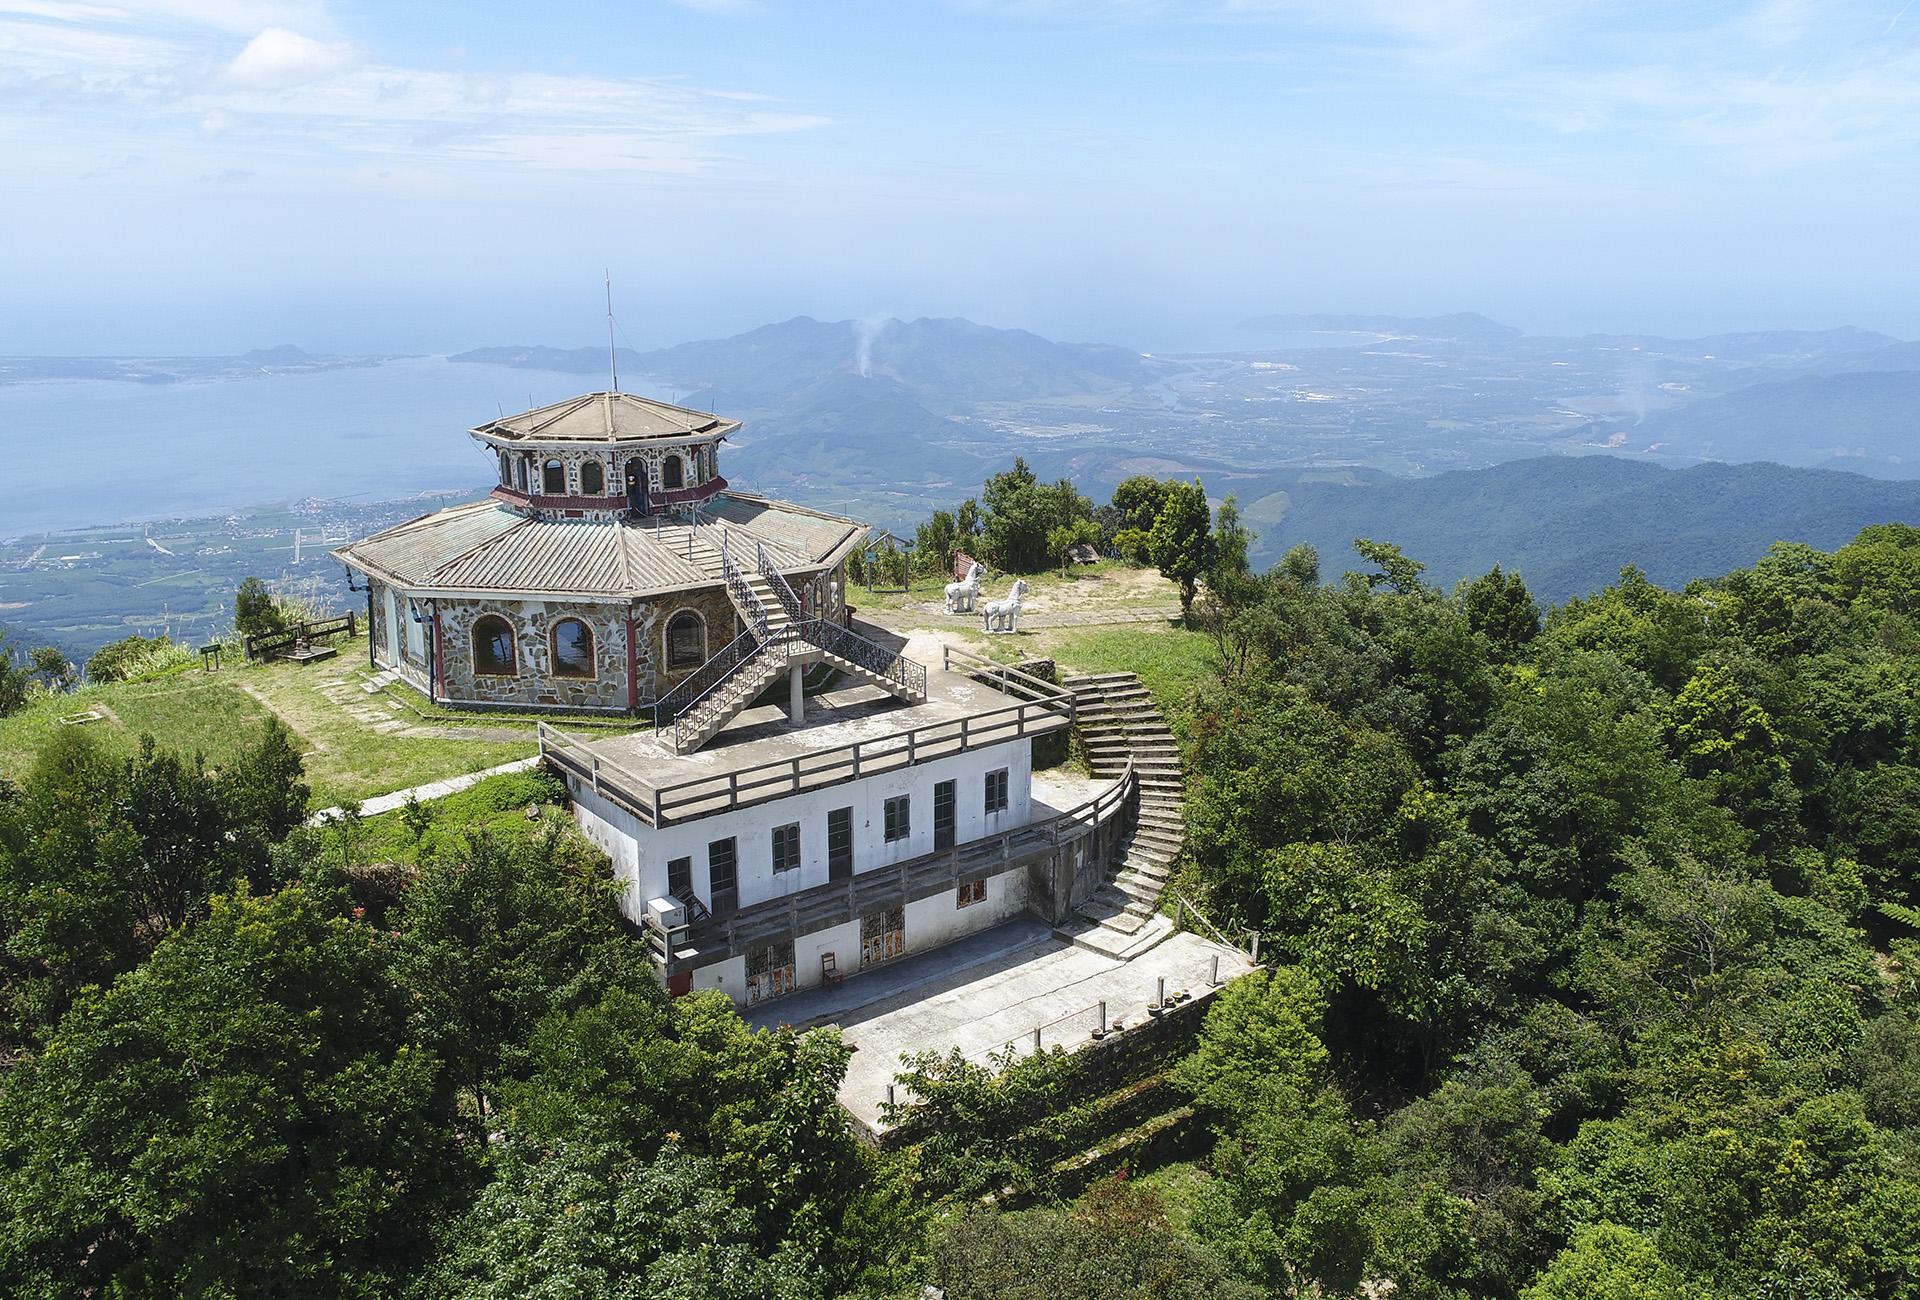 Kế hoạch 'đánh thức' 139 biệt thự hoang trên đỉnh Bạch Mã - VnExpress